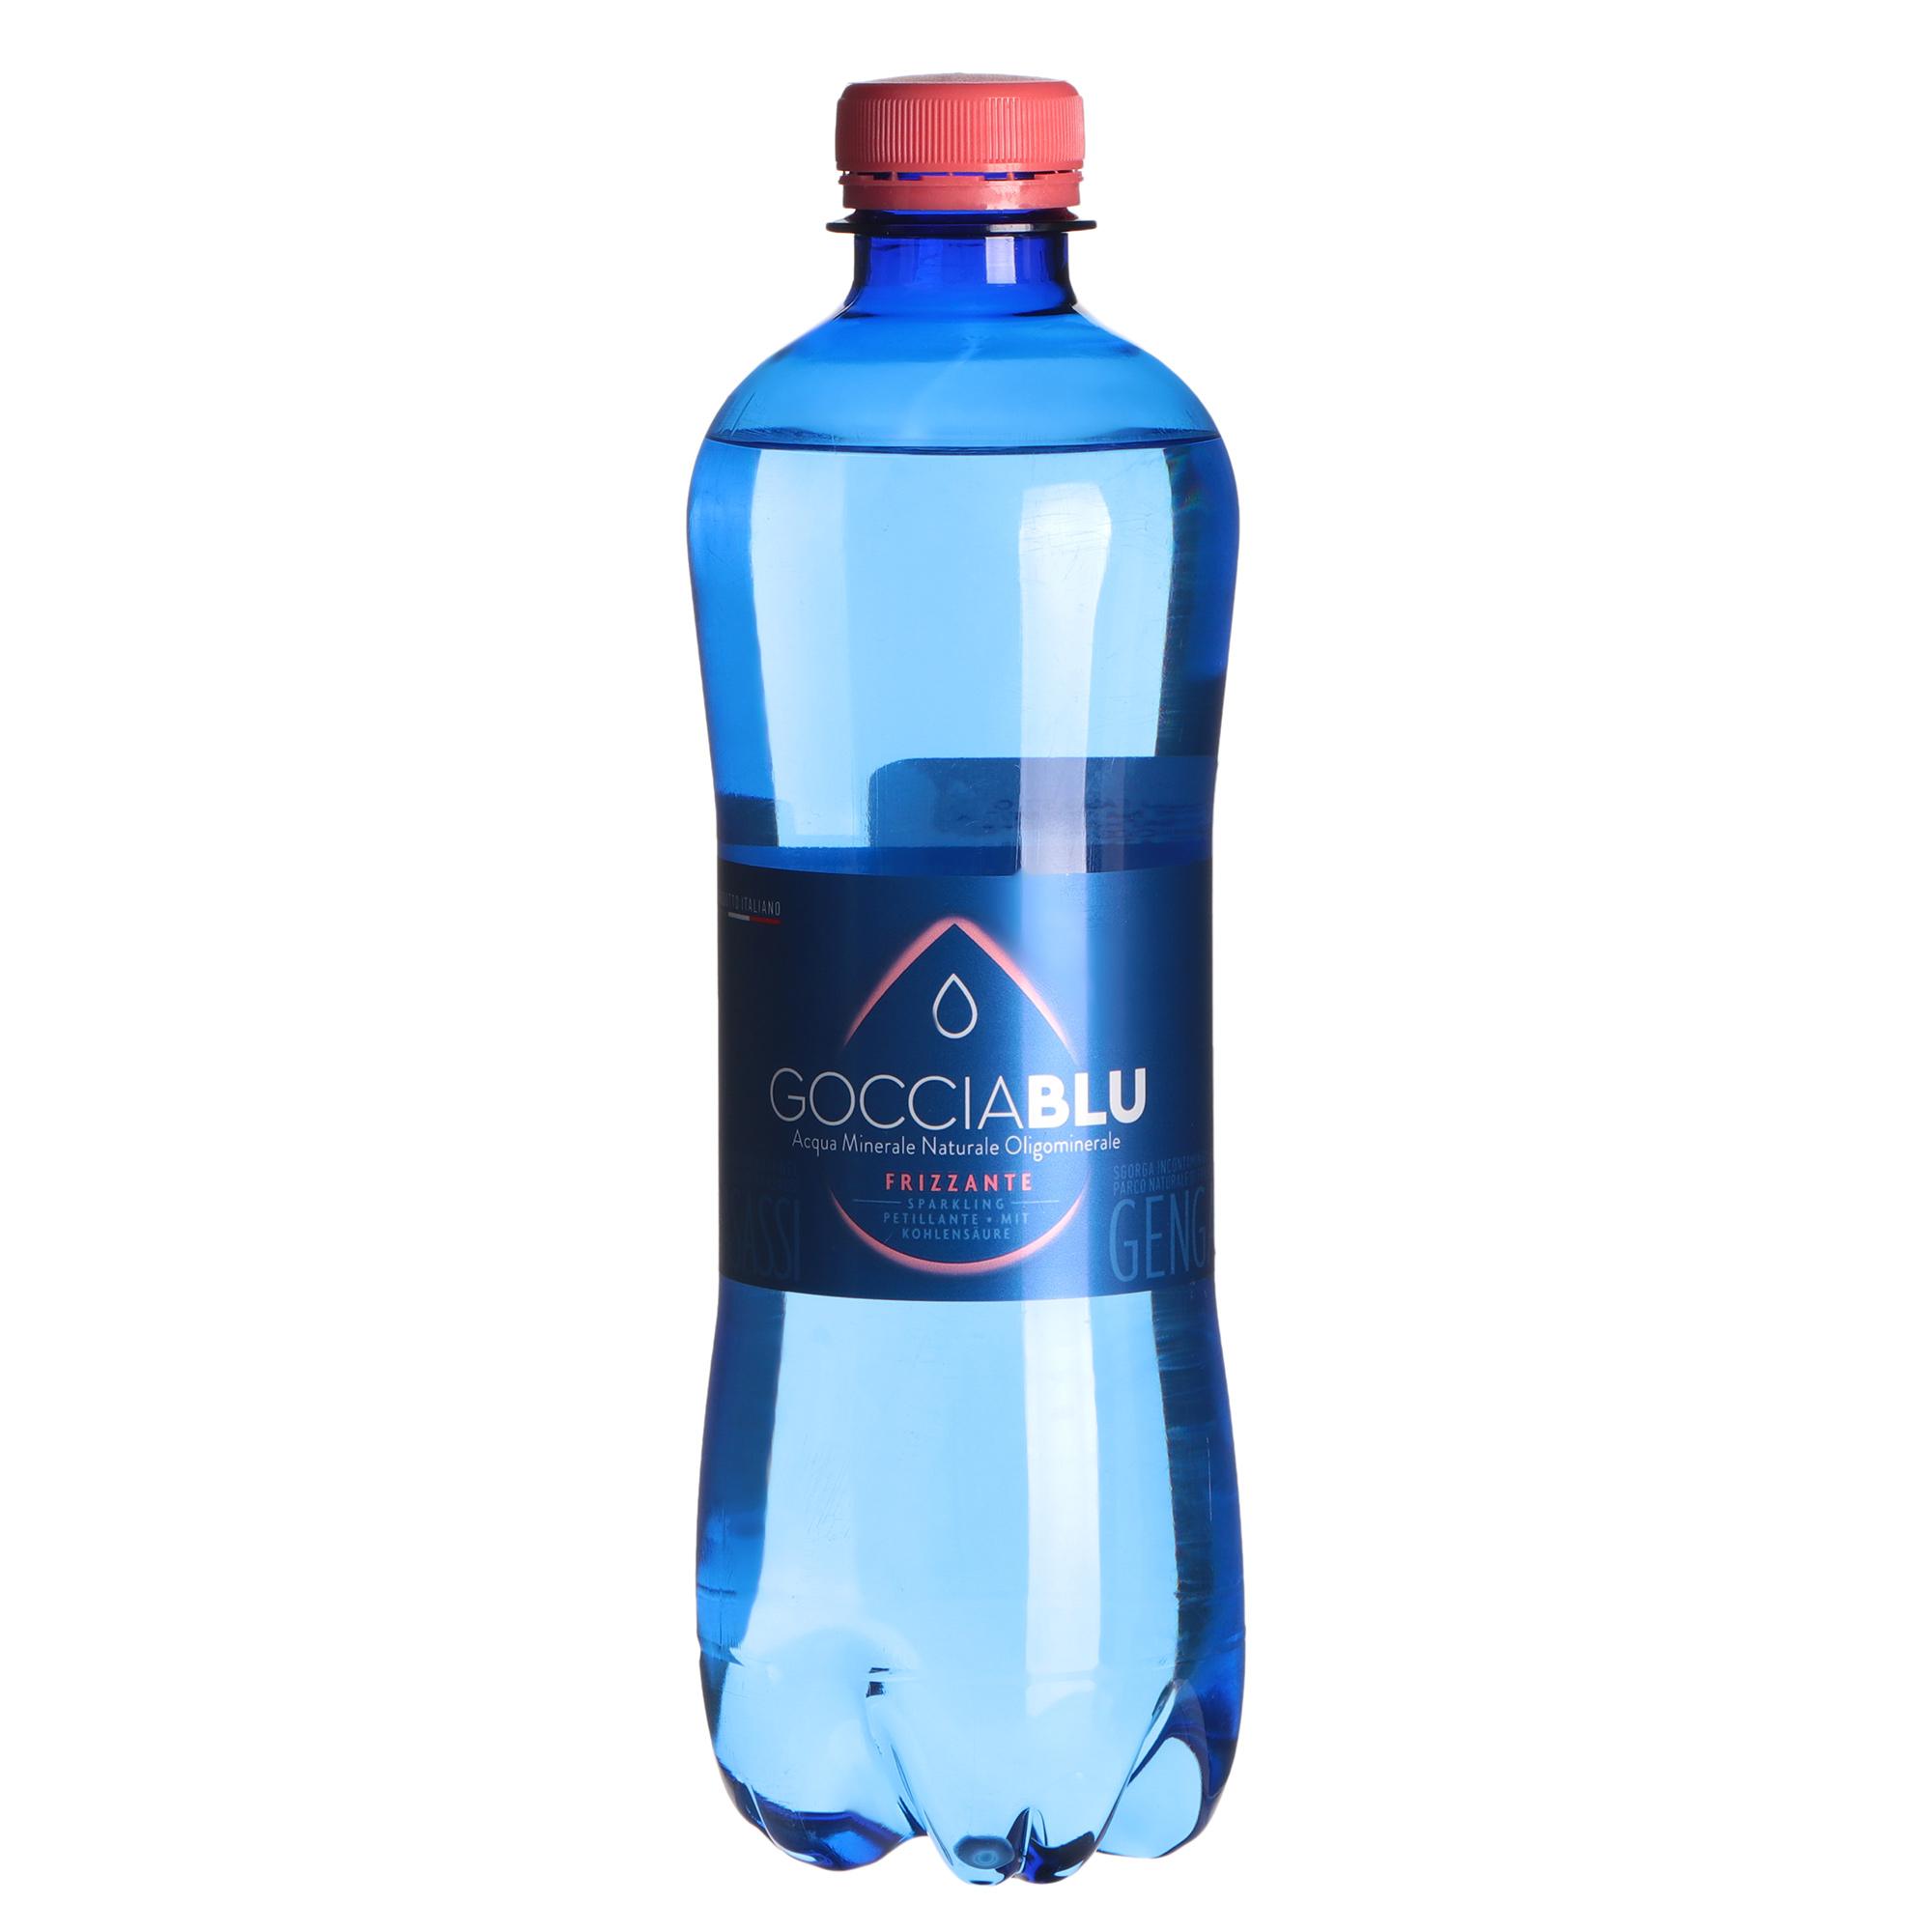 Фото - Вода минеральная Gocciablu газированная 500 мл вода минеральная горячий ключ 2000 газированная 500 мл